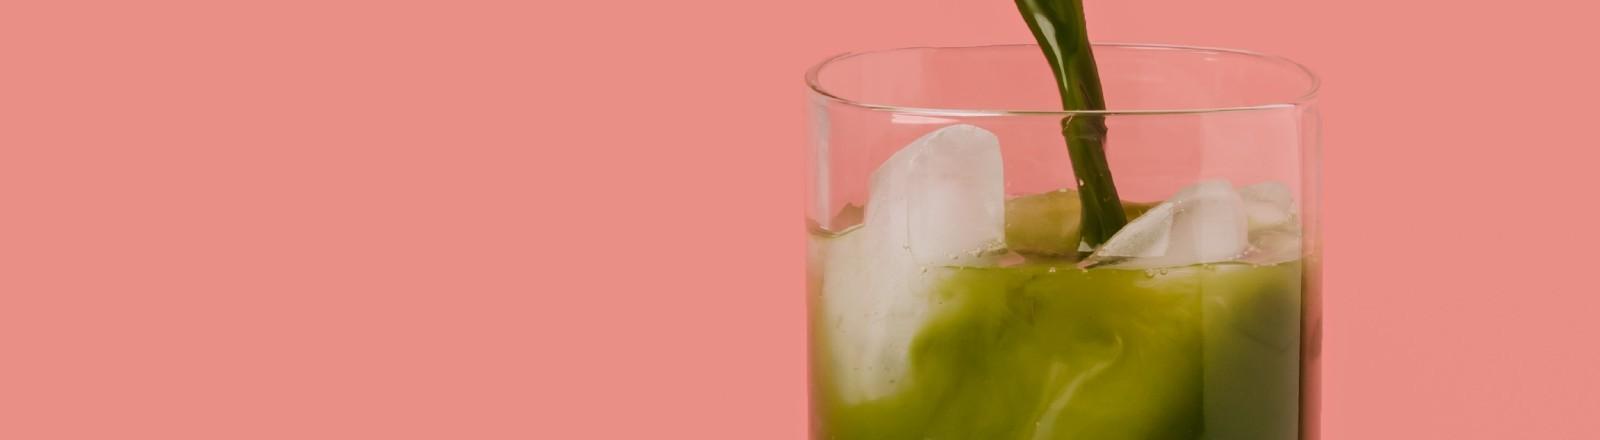 Grünes Getränk mit Eiswürfeln